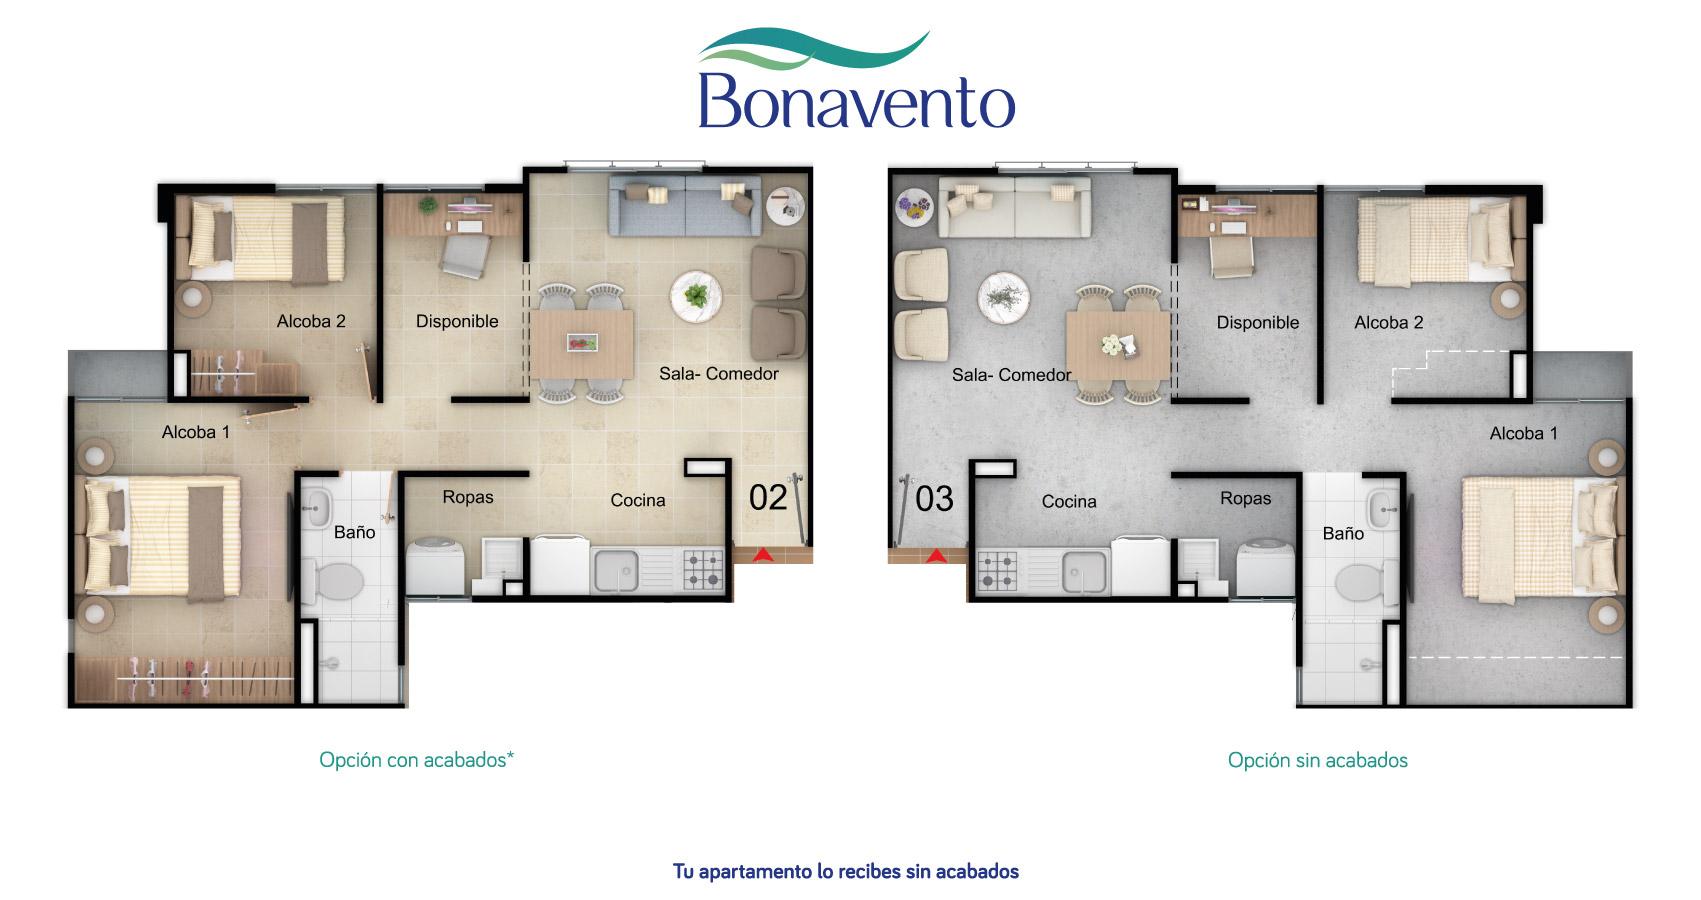 Bonavento apartamento tipo 46 constructora bolivar